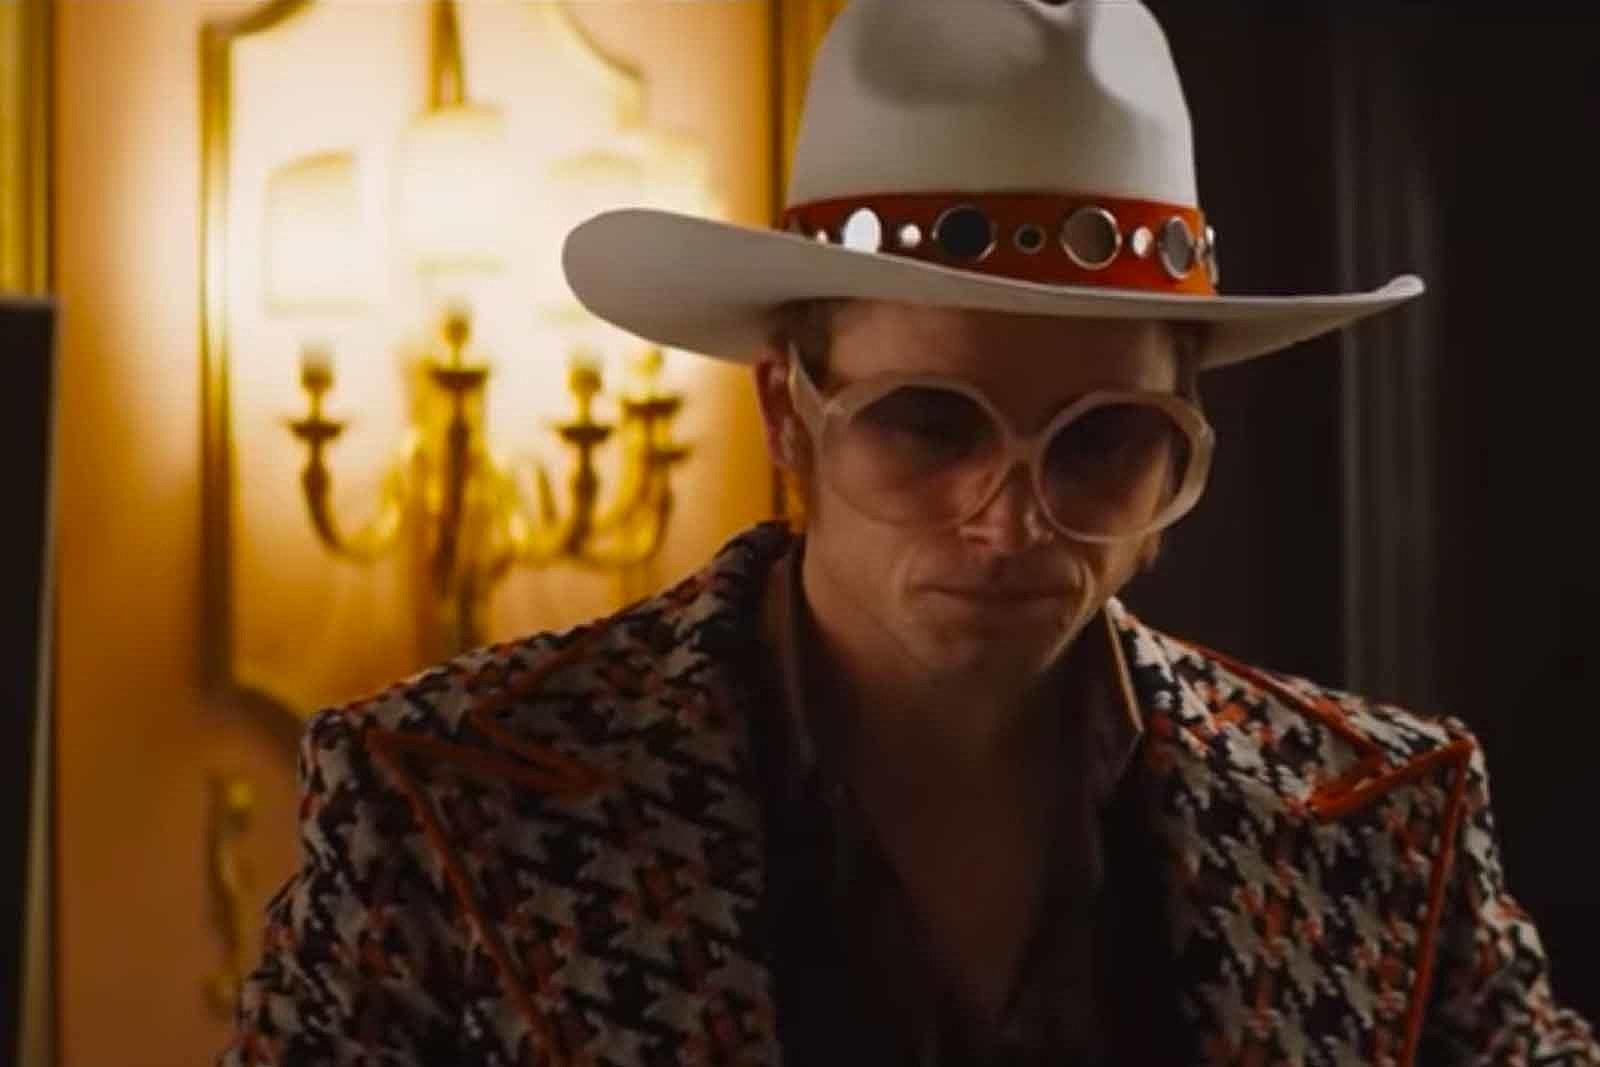 Elton John Releases Full 'Rocketman' Trailer